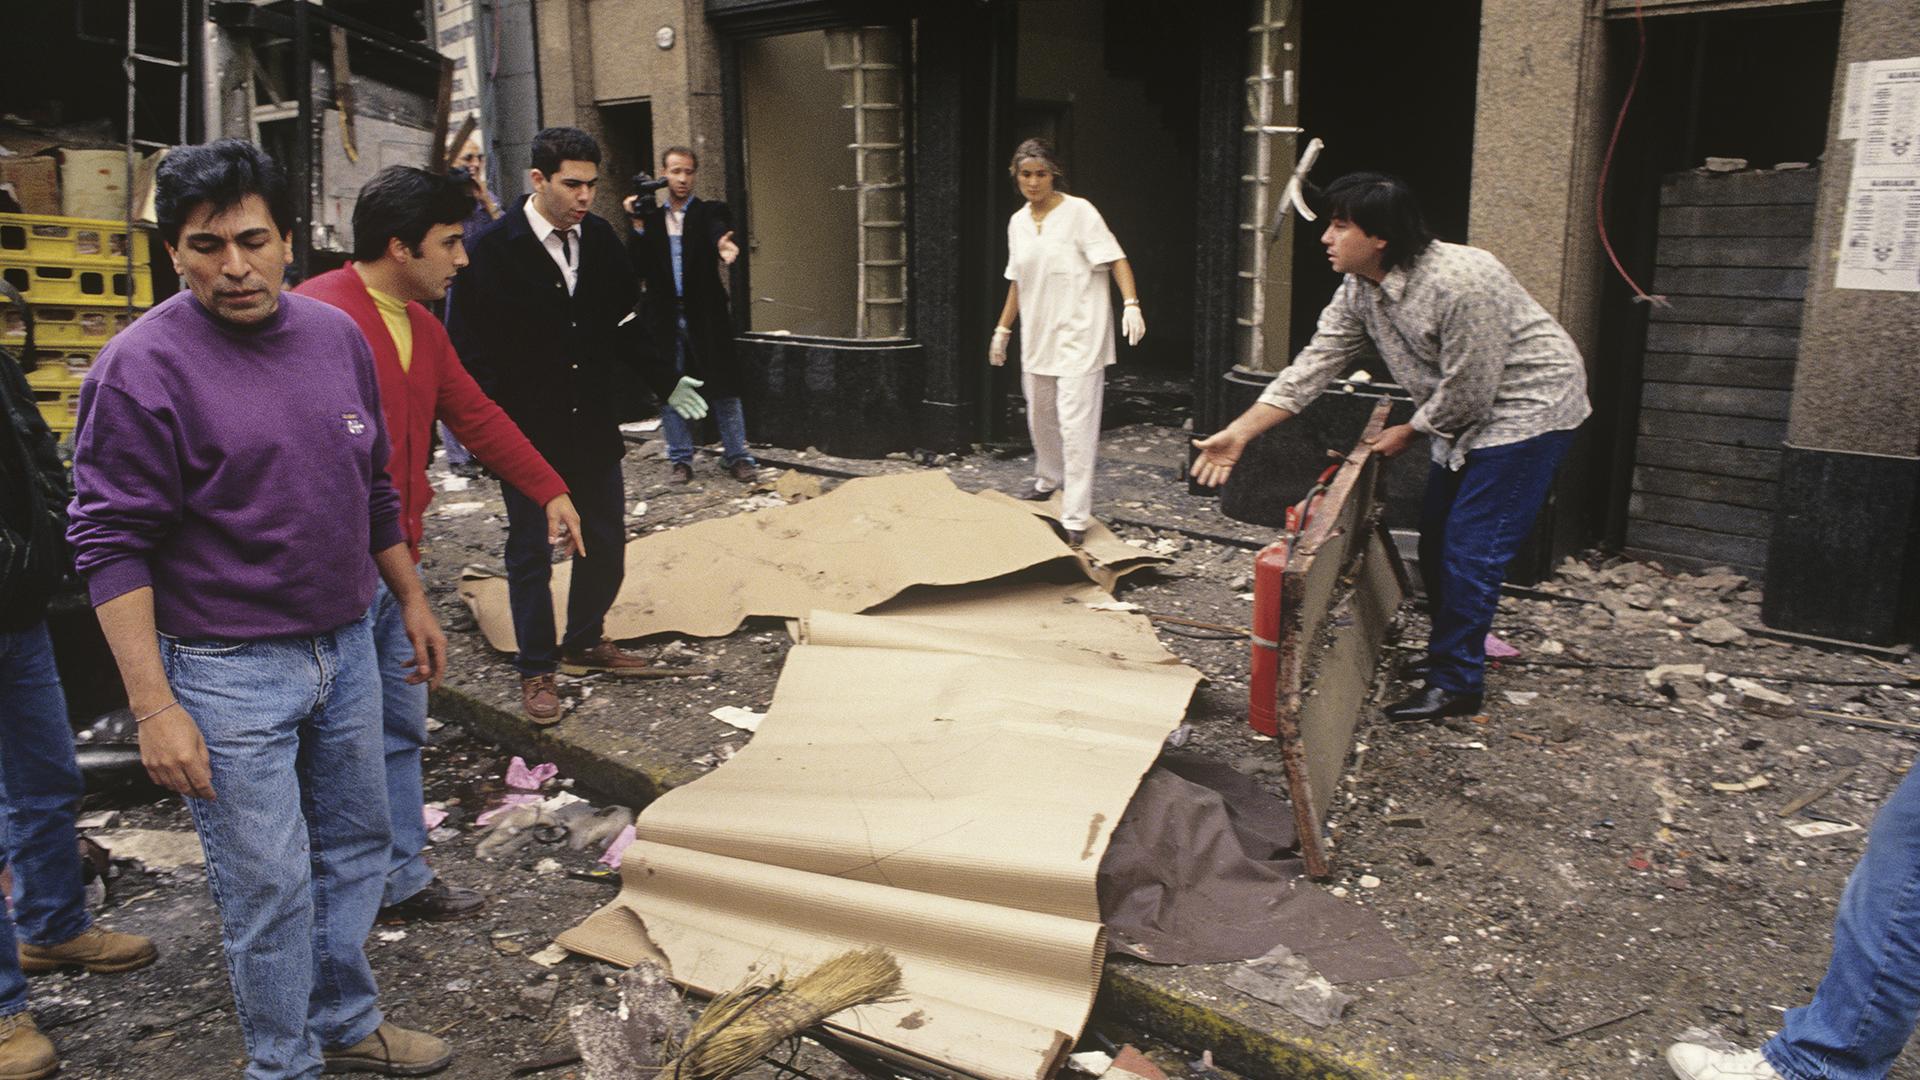 """""""Evidentemente abajo de los cartones había cuerpos sin vida. Esto yafue pasando Pasteur 633. Seguí caminando por la calle y todavía no había subido a los escombros"""", narró el fotógrafo. Sus imágenes fueron muyreproducidas en los medios de comunicación a lo largo de25 años (Julio Menajovsky)"""